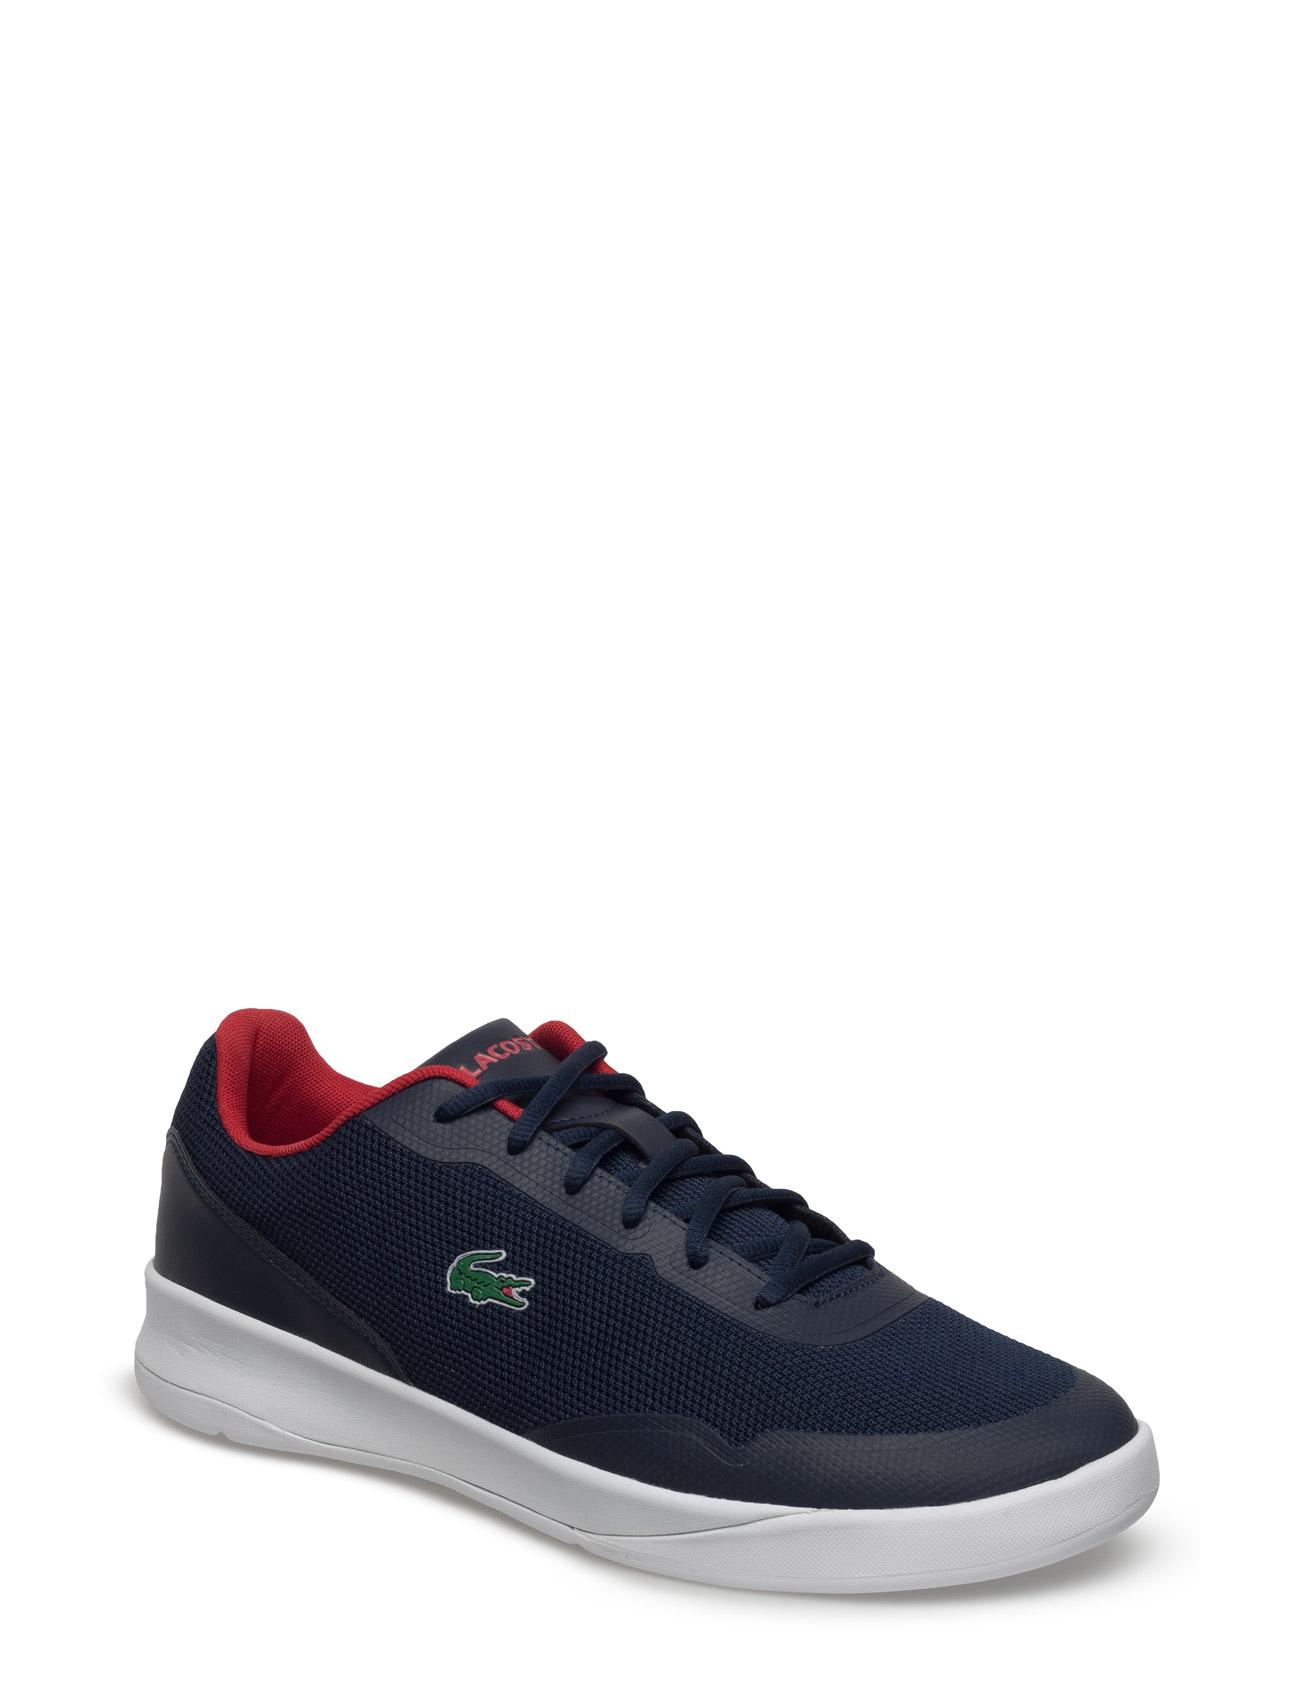 Lt spirit 117 1 fra lacoste shoes på boozt.com dk